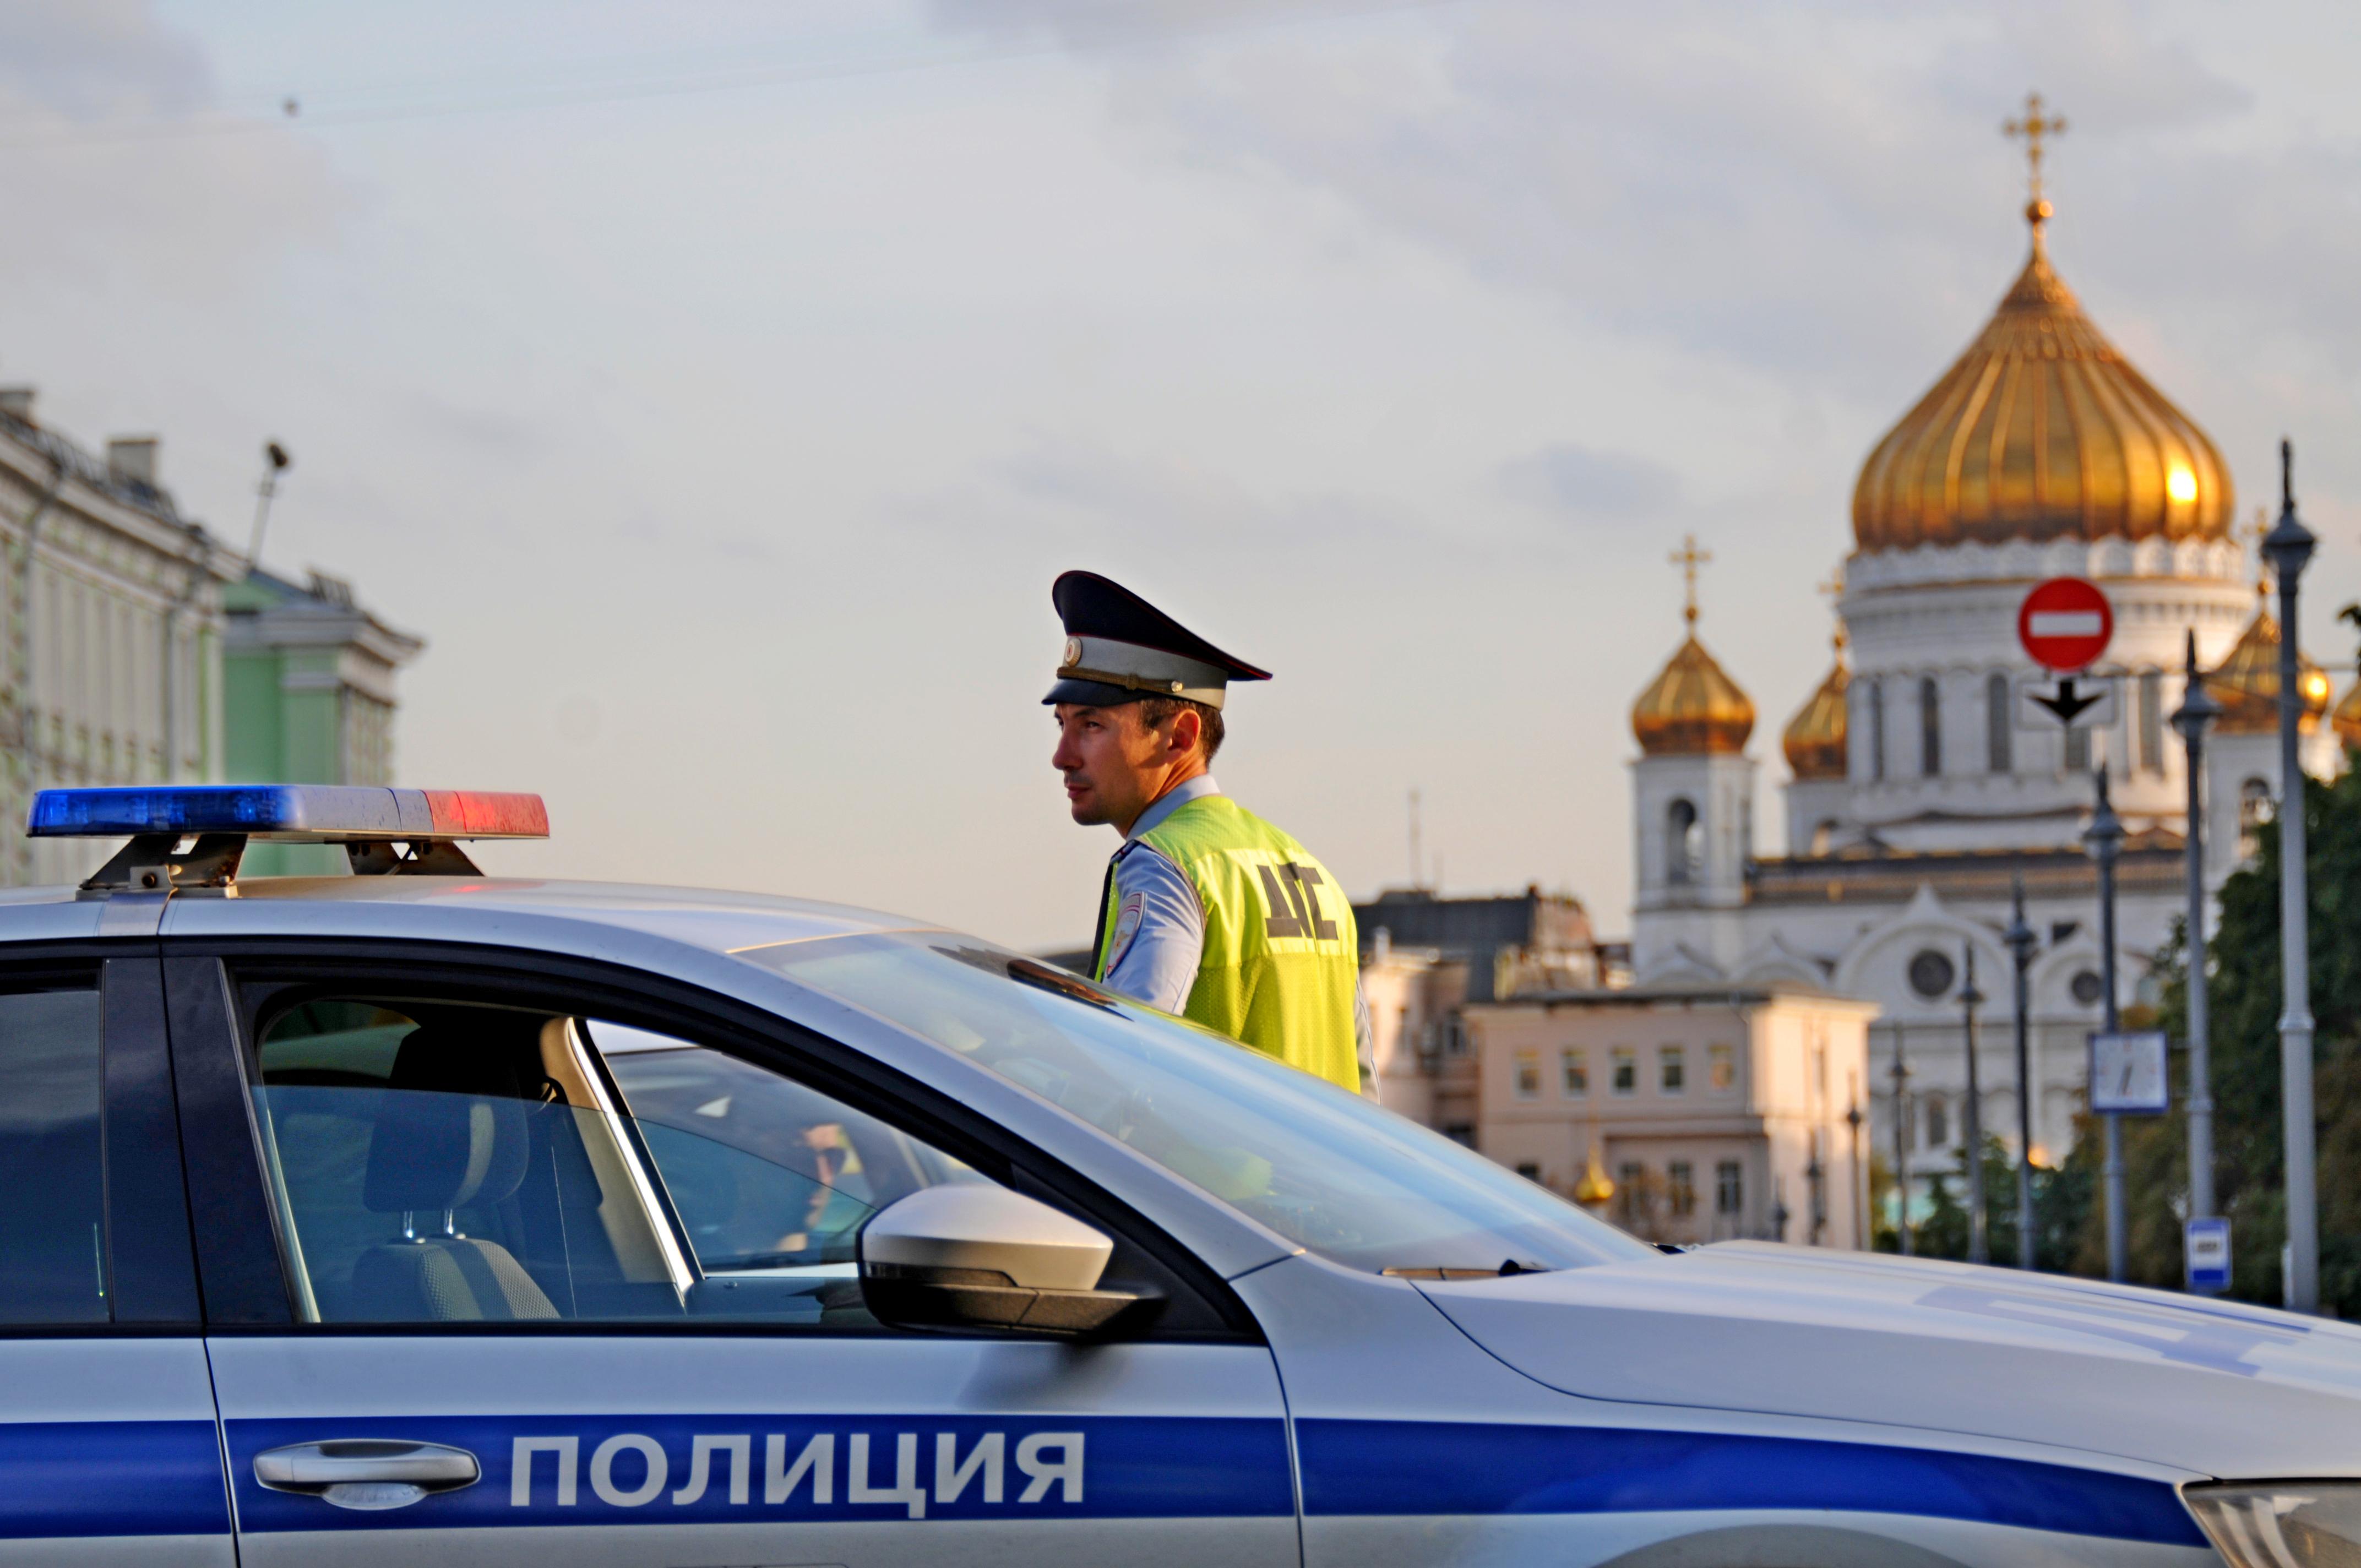 Полицейские УВД по ЮАО задержали подозреваемого в покушении на сбыт наркотических средств